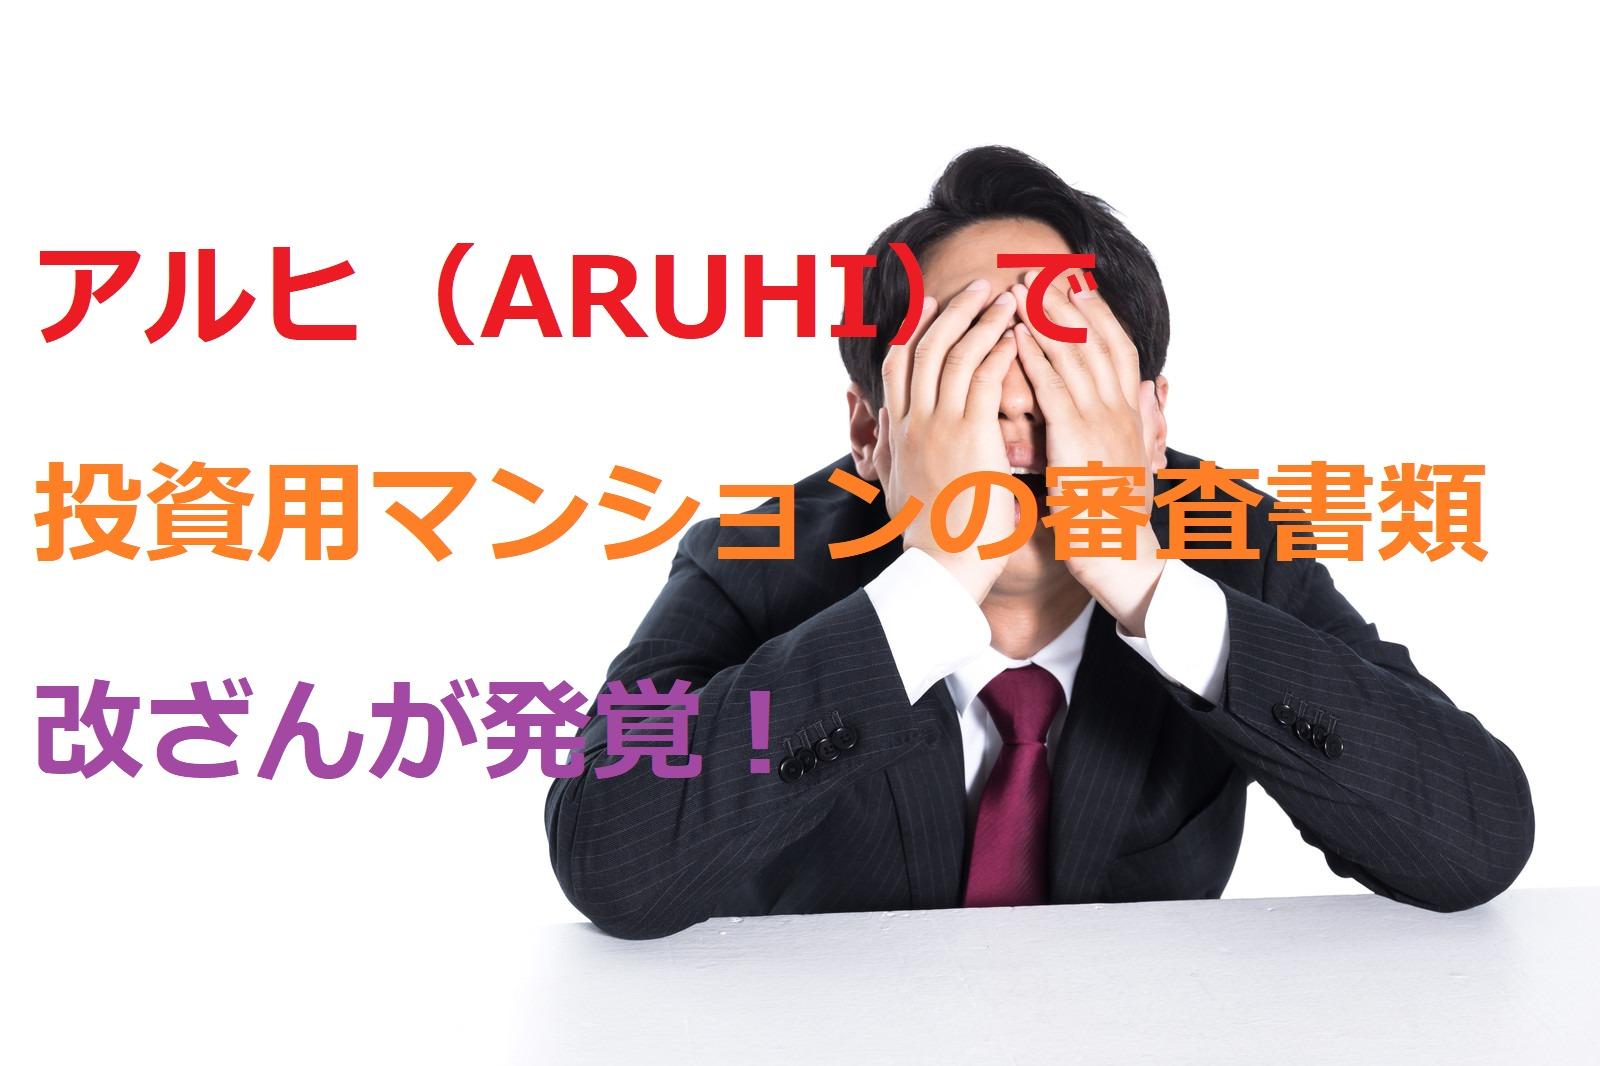 アルヒ(ARUHI)で投資用マンションの審査書類改ざんが発覚! | 東京 ...